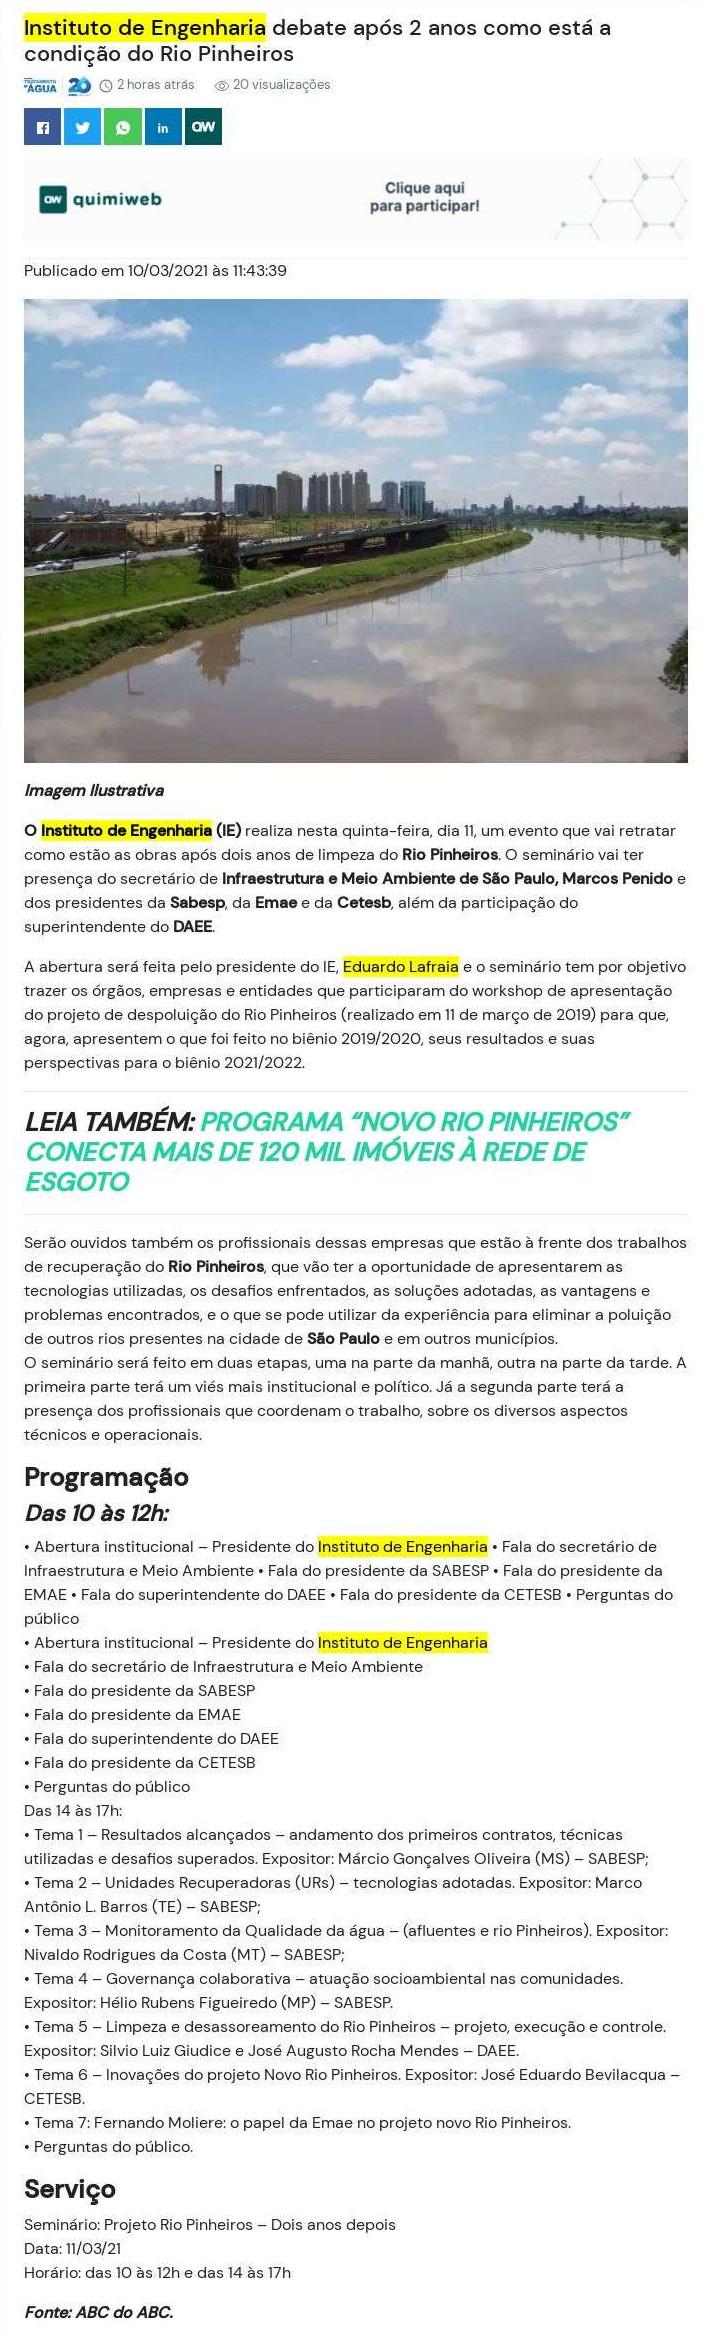 Instituto de Engenharia debate após 2 anos como está a condição do Rio Pinheiros - News Quimiweb